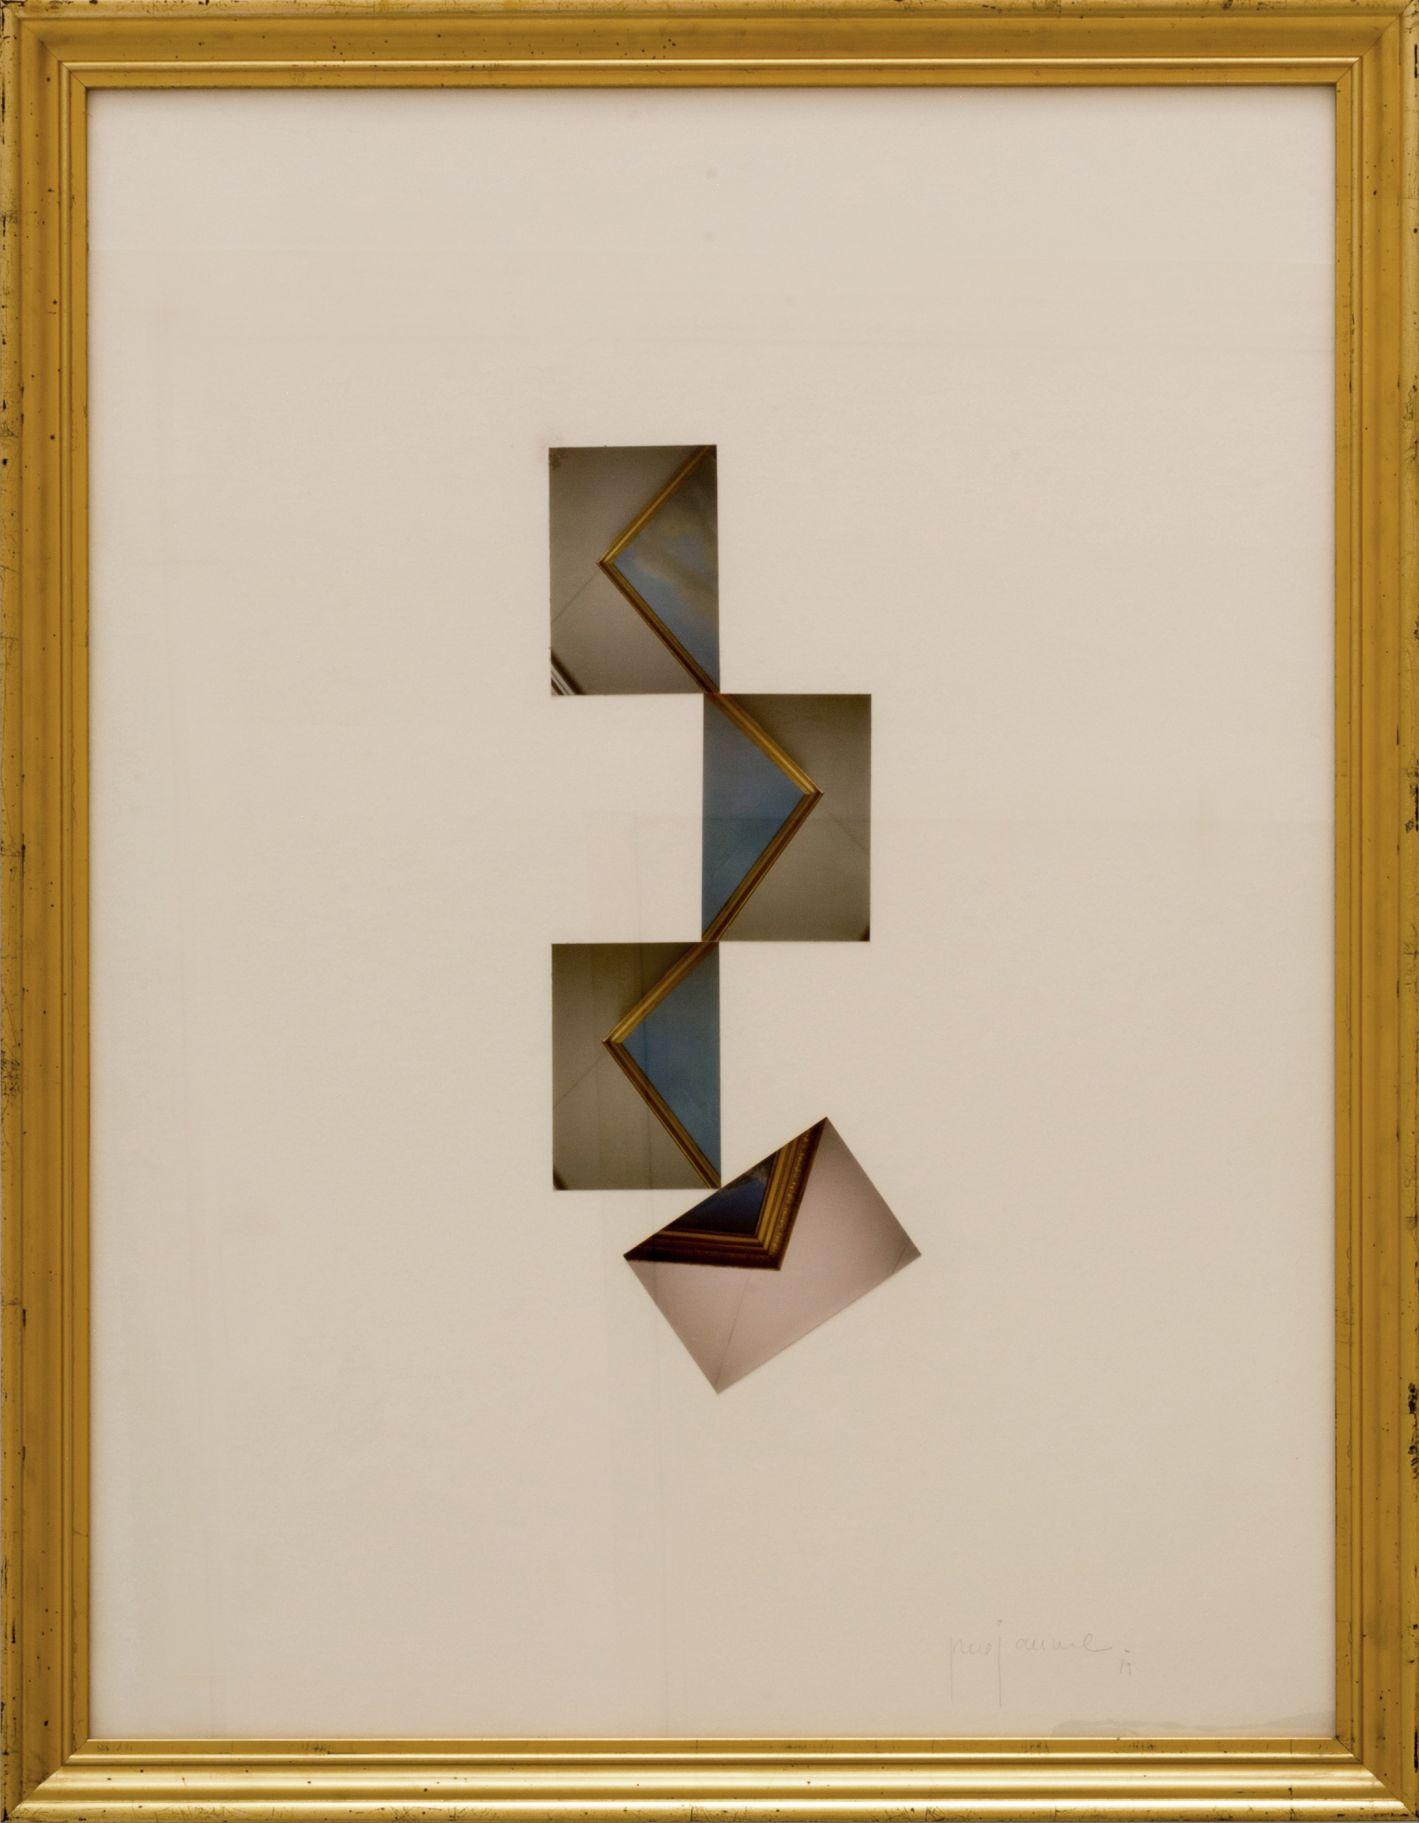 Llamp (1989) - Perejaume